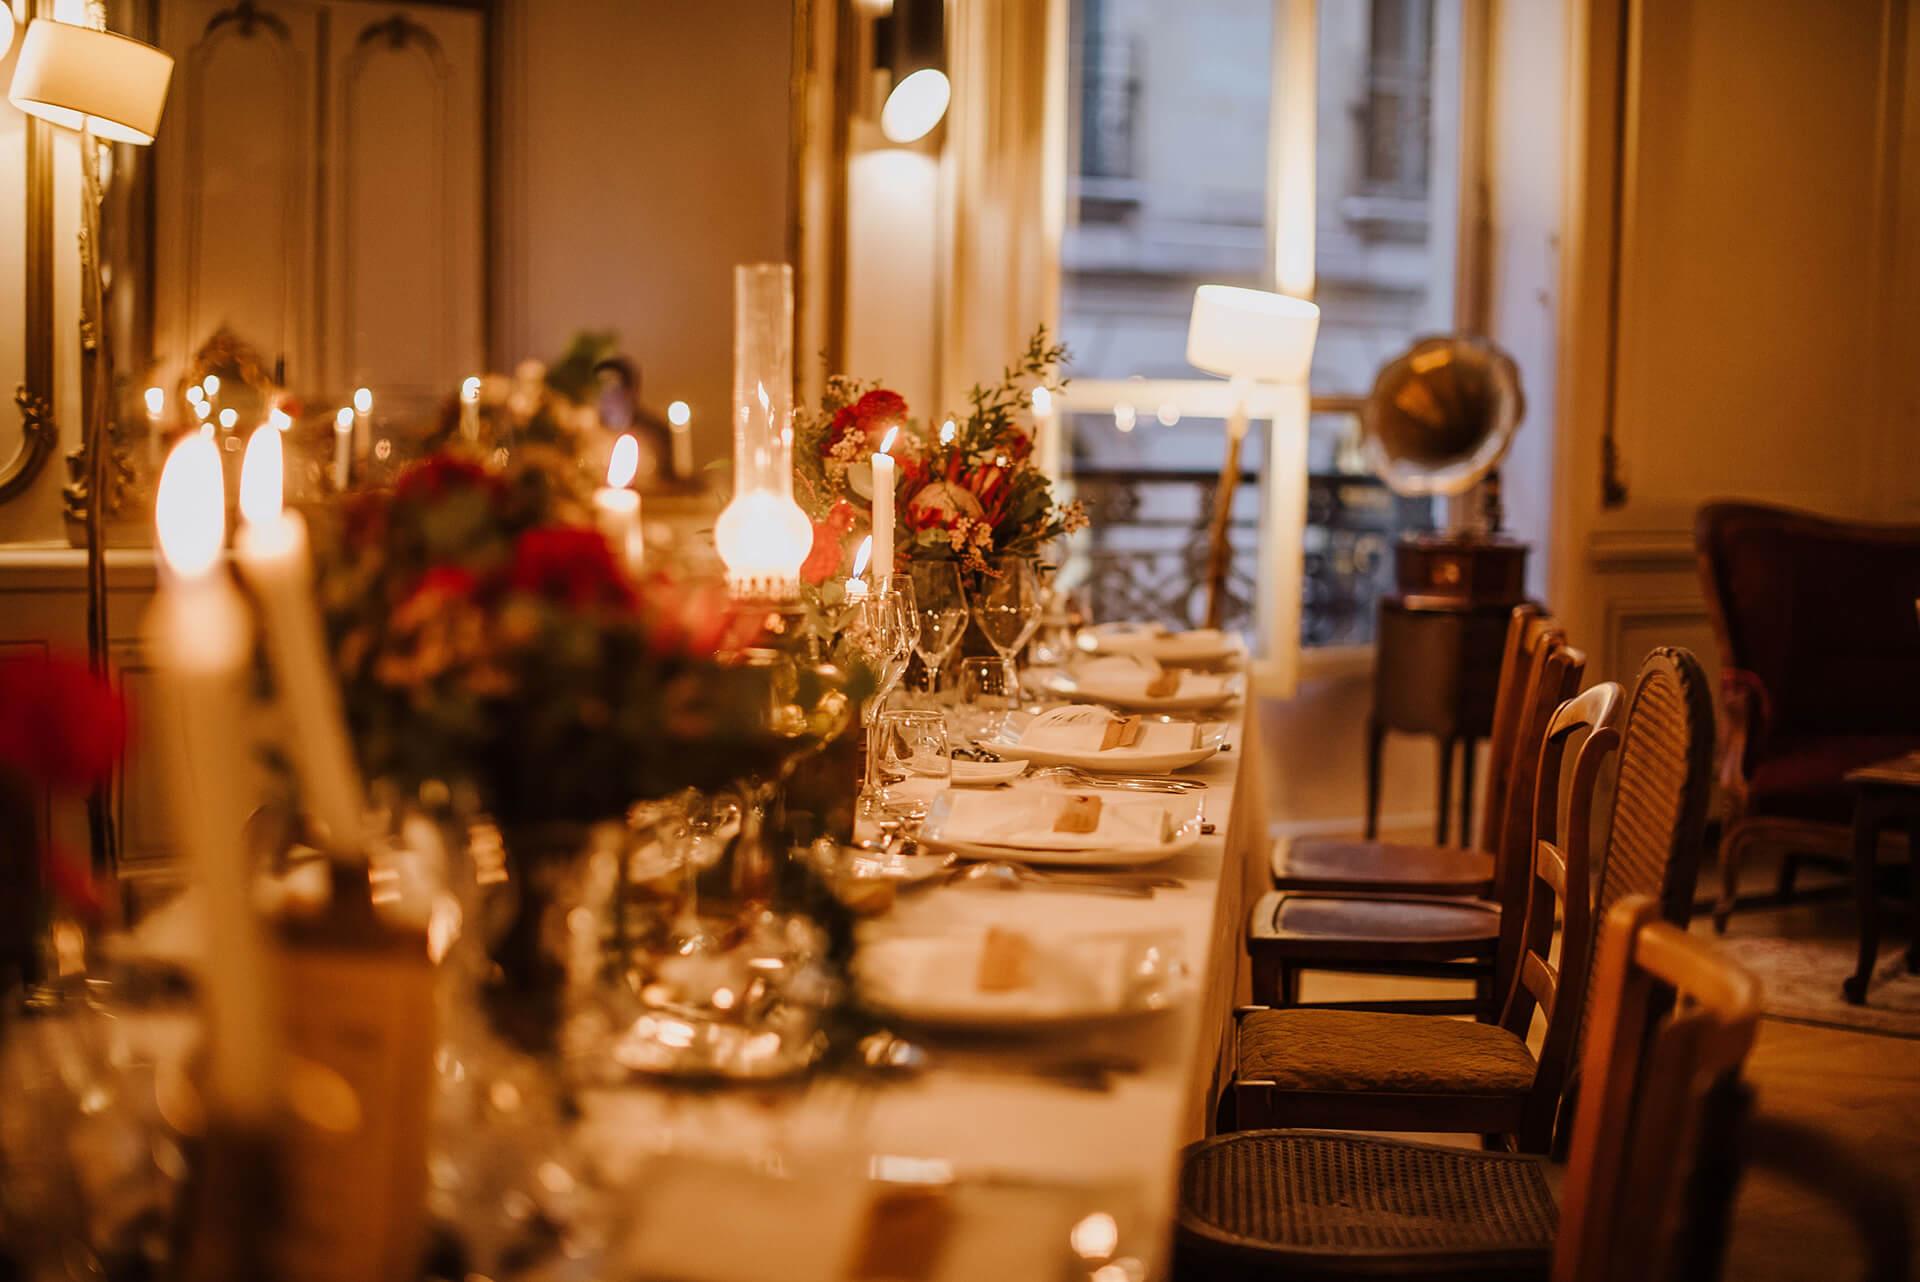 Une table dressée avec élégance pour un dîner.